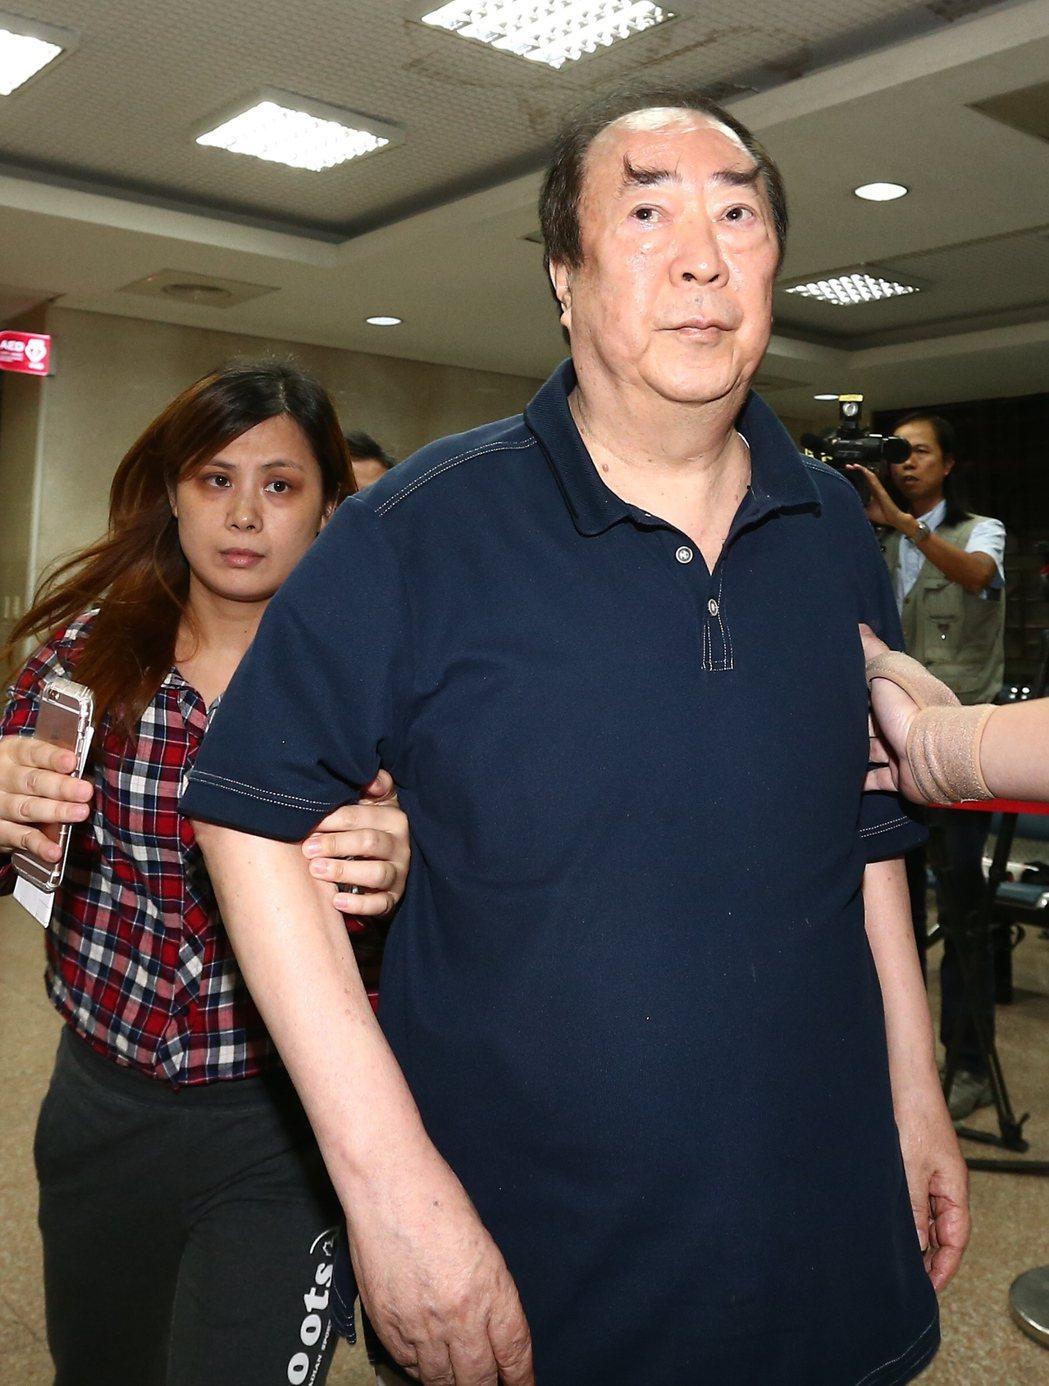 台北地檢署偵辦樂陞案,約談股市名人賈文中,他目前移送北檢複訊中。記者王騰毅/攝影